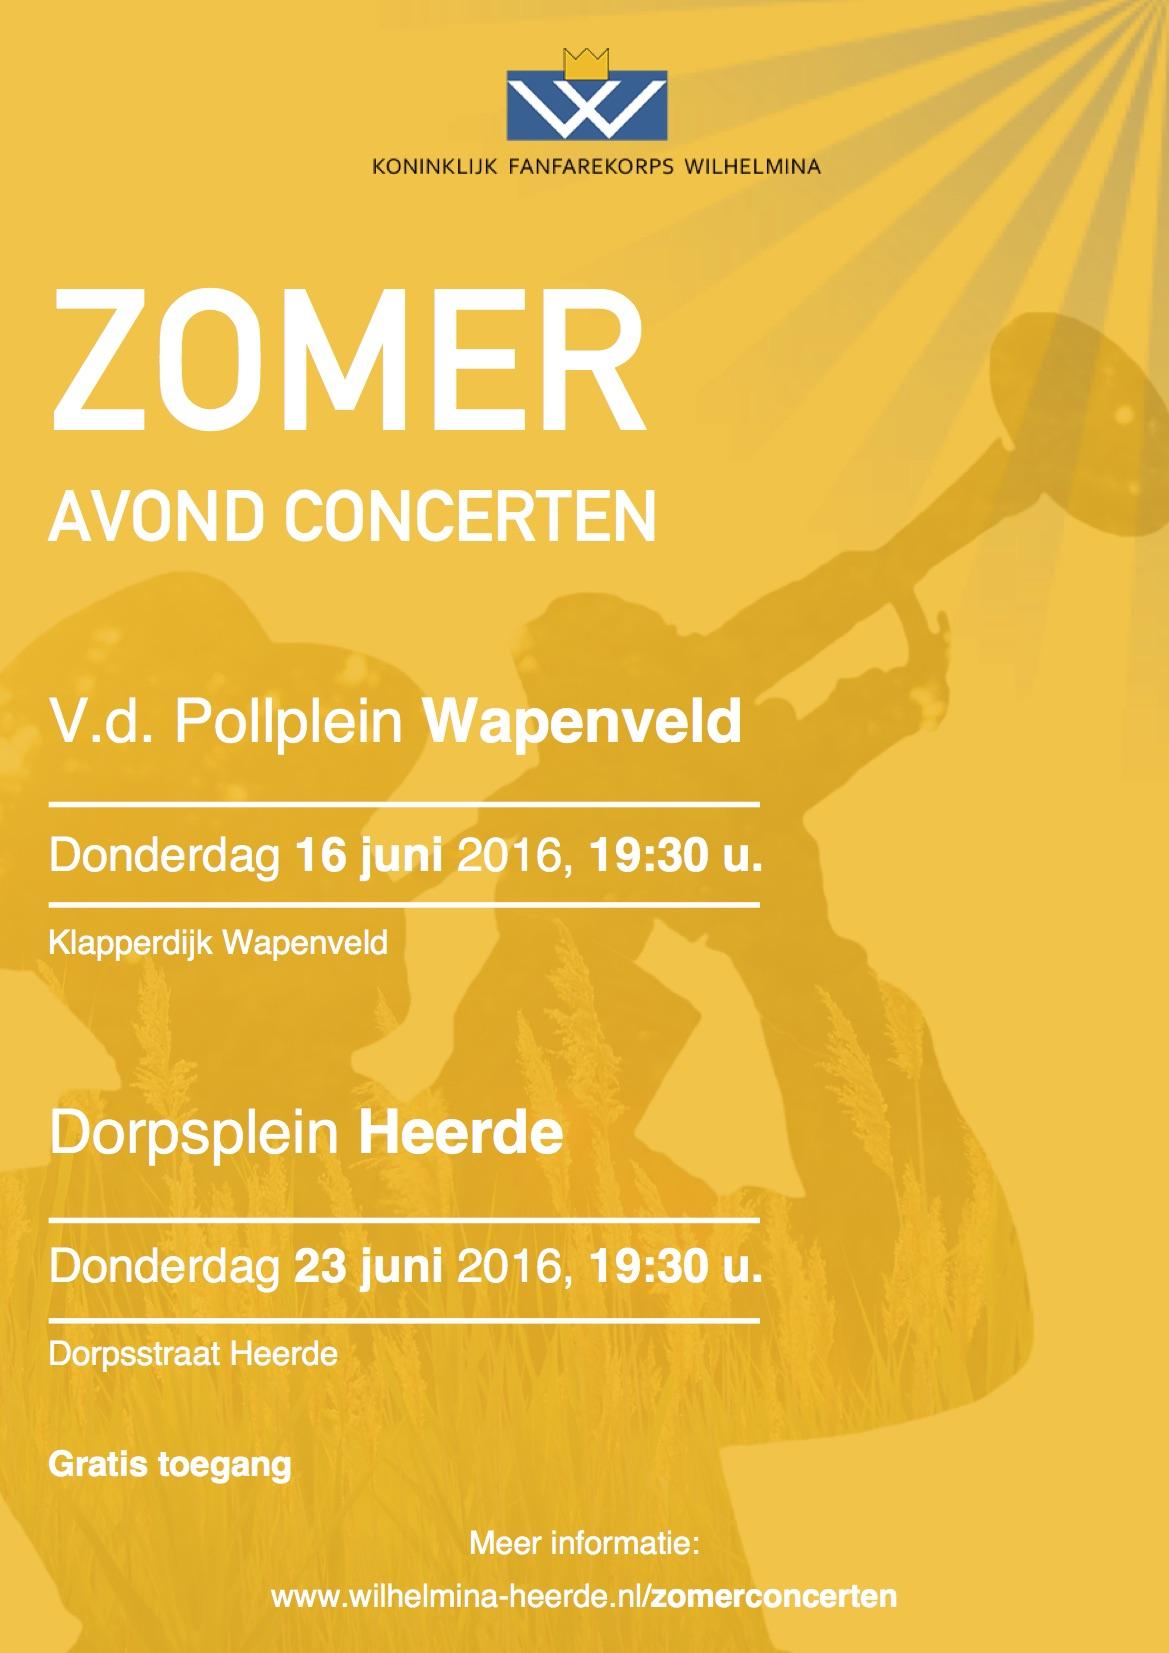 Zomeravond concerten Heerde 2016